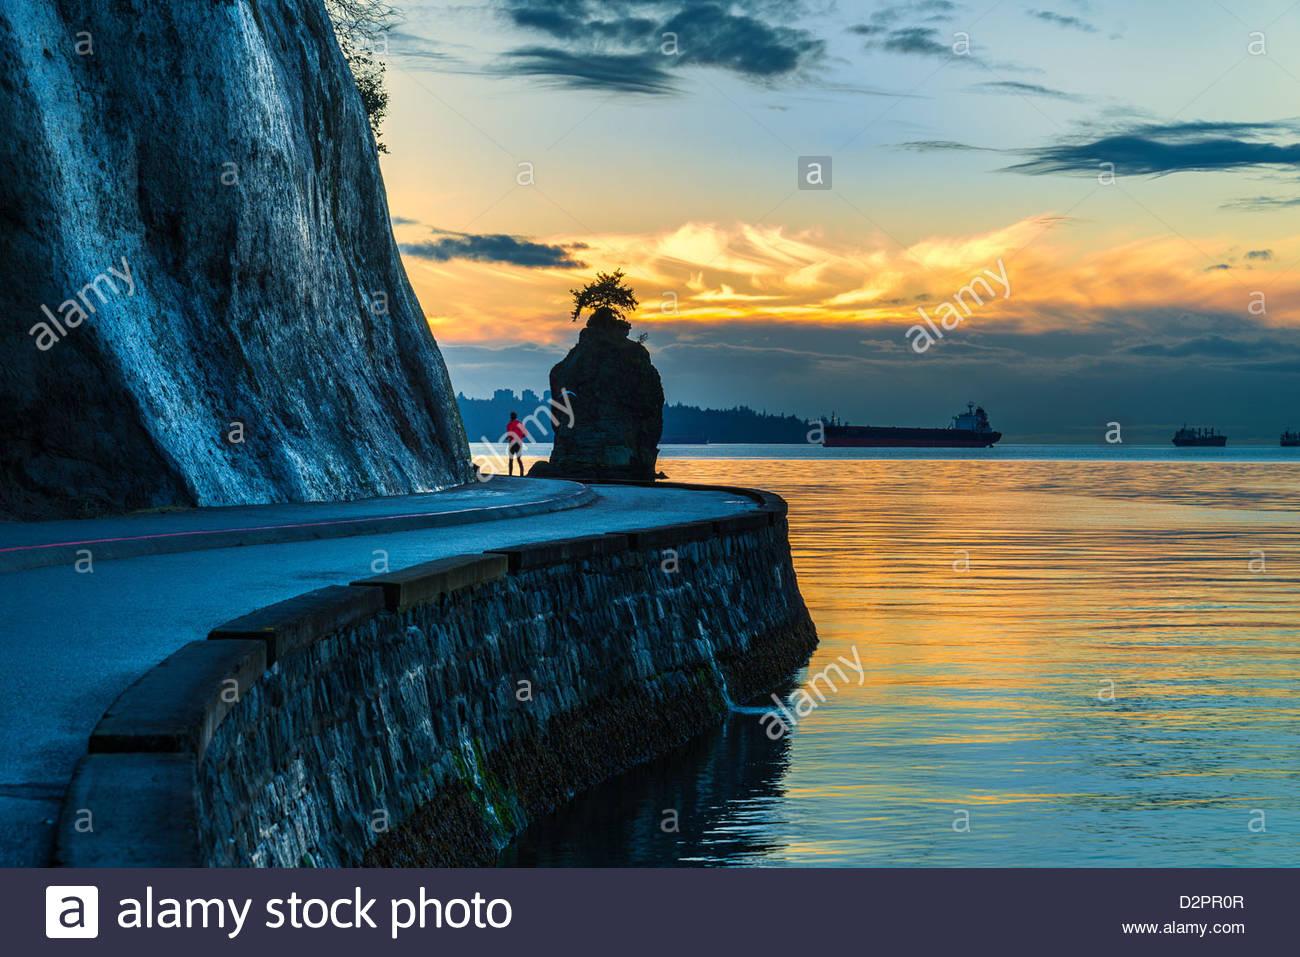 Pareggiatore maschio passa Siwash Rock, su Stanley Park seawall al tramonto, Vancouver, Britsih Columbia, Canada Immagini Stock